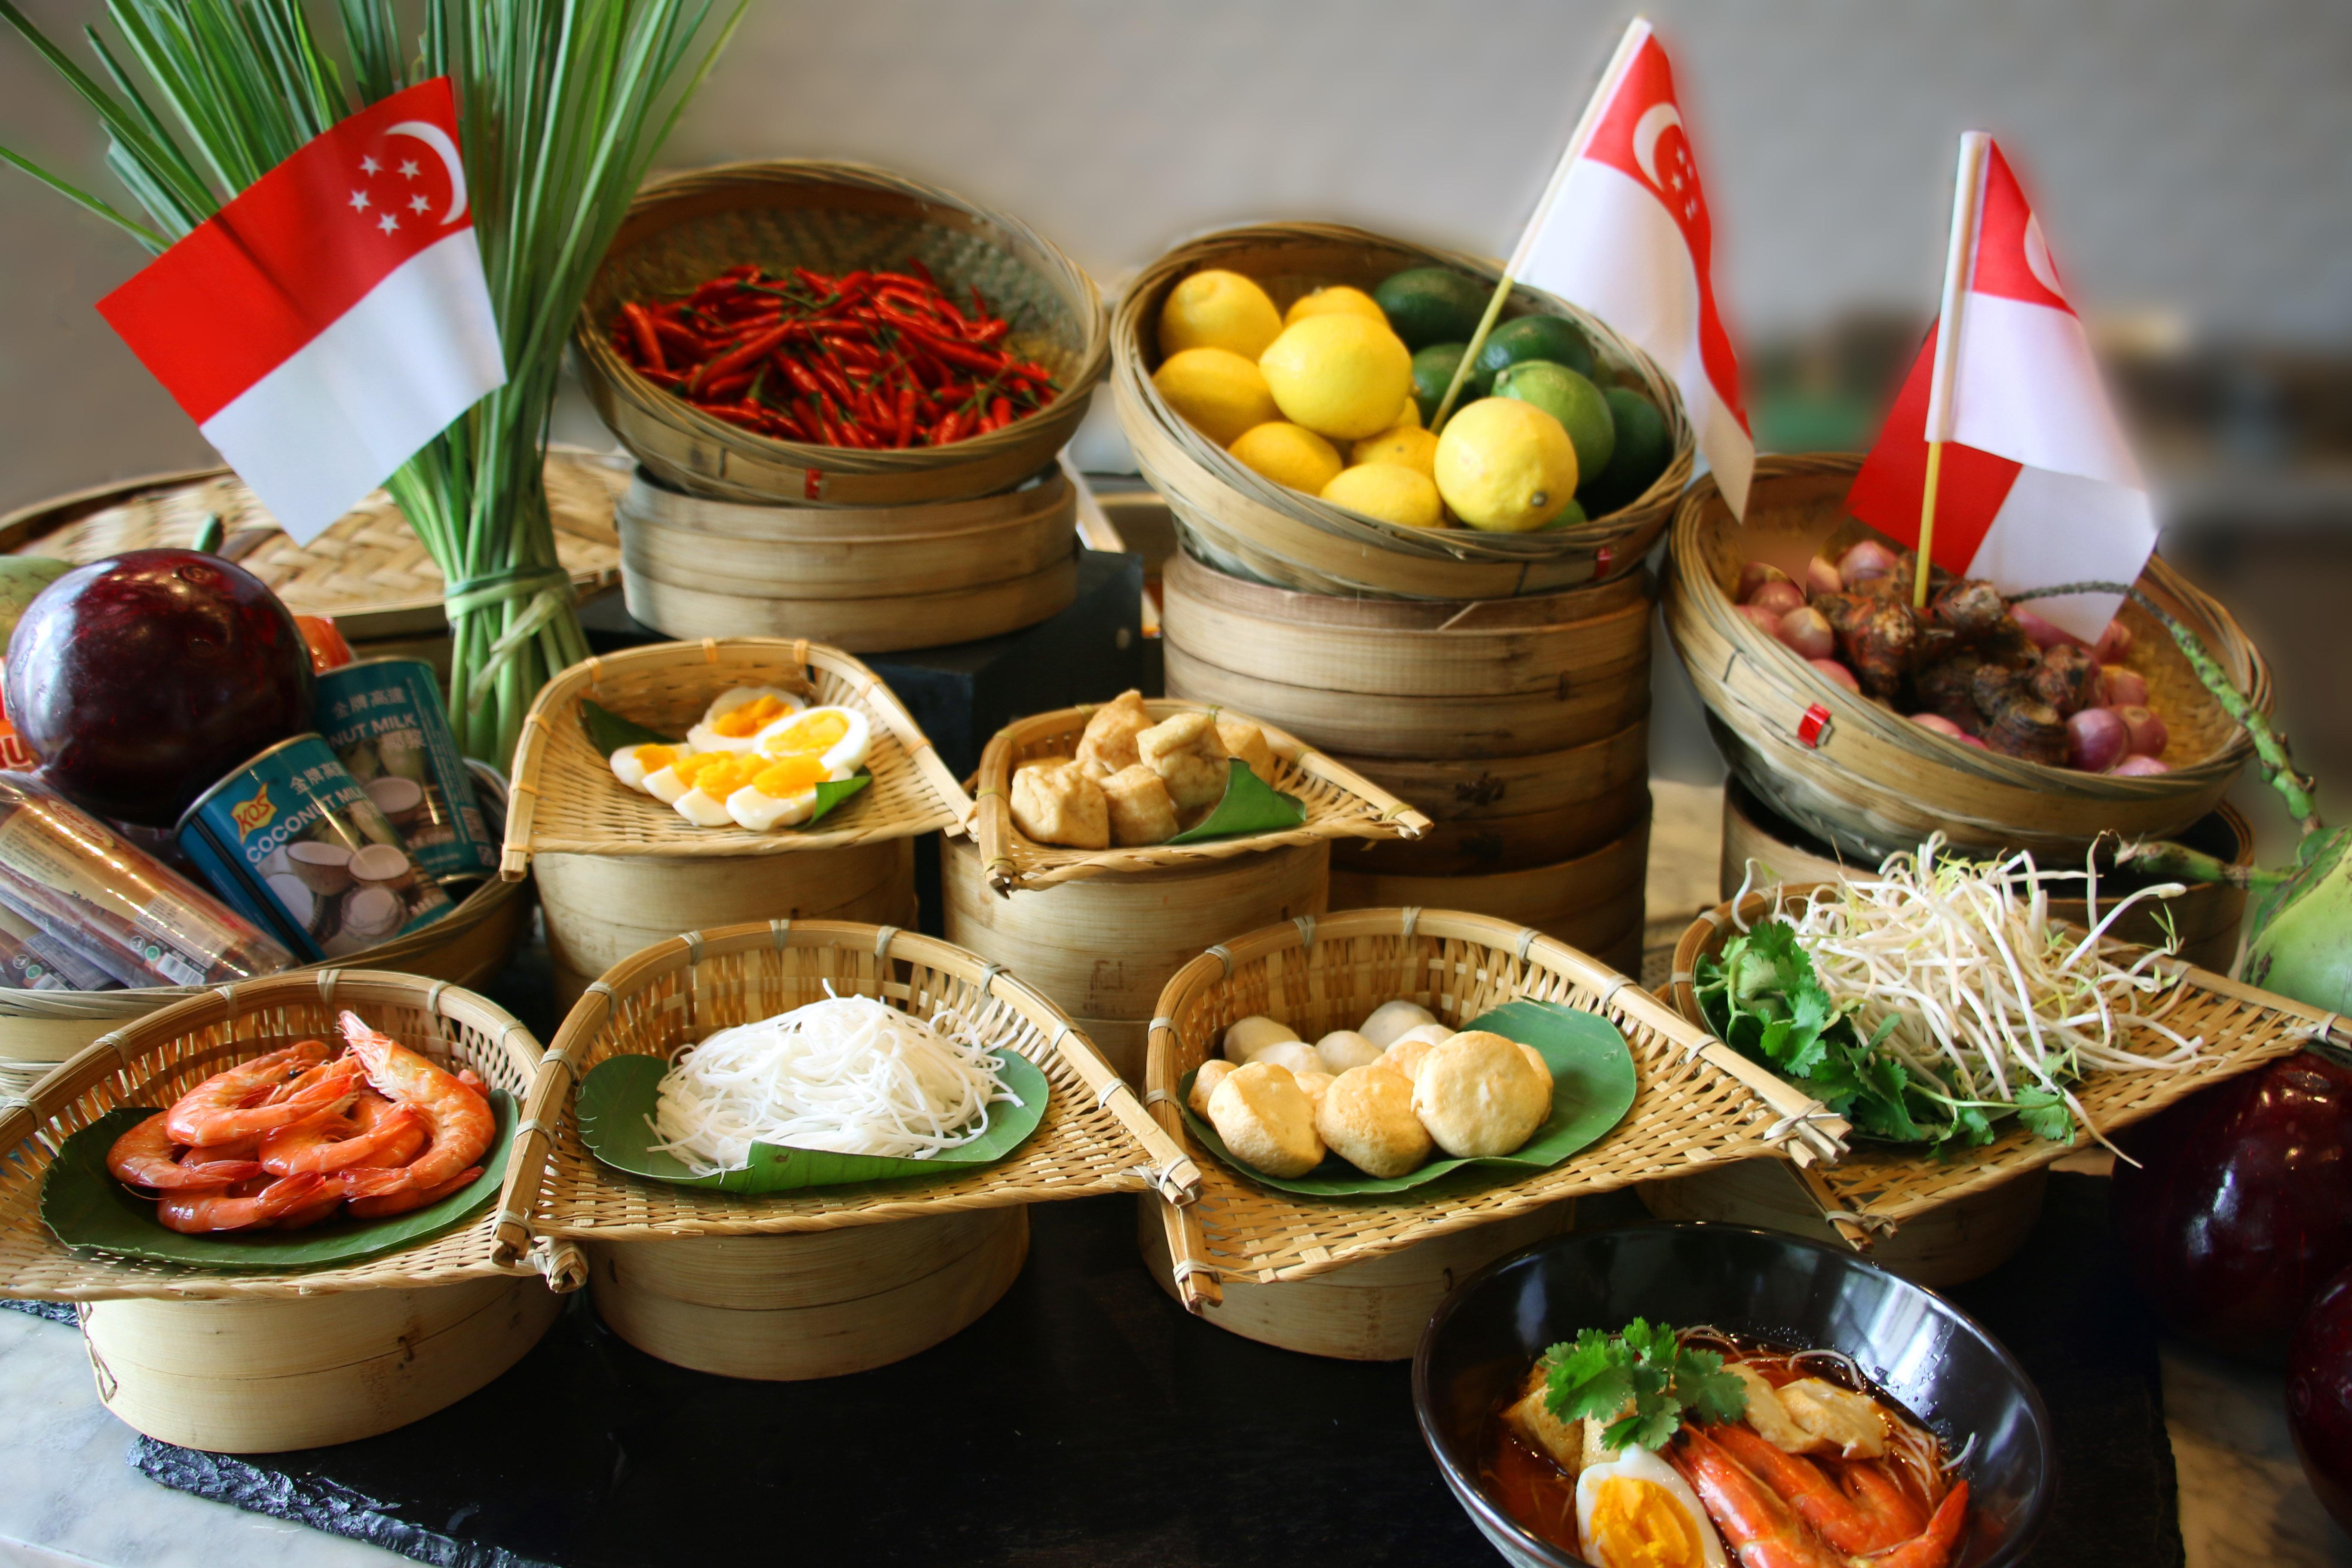 成都瑞吉酒店全日制秀餐厅东南亚美食之旅-酒